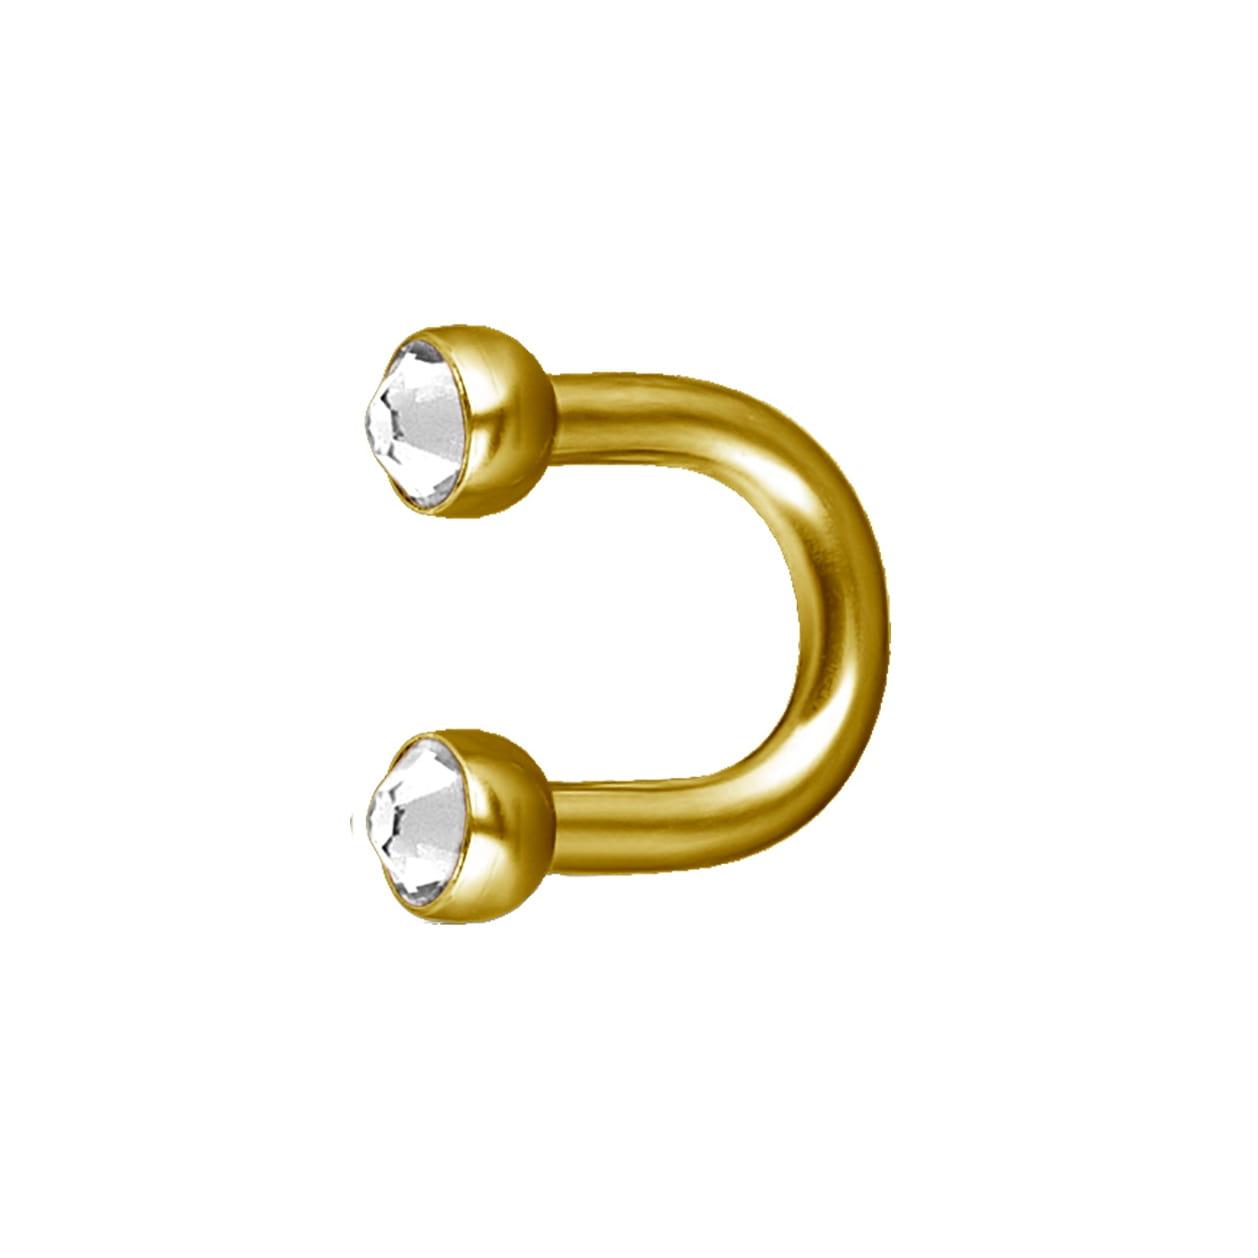 Liten hästsko barbell - 24K guld PVD